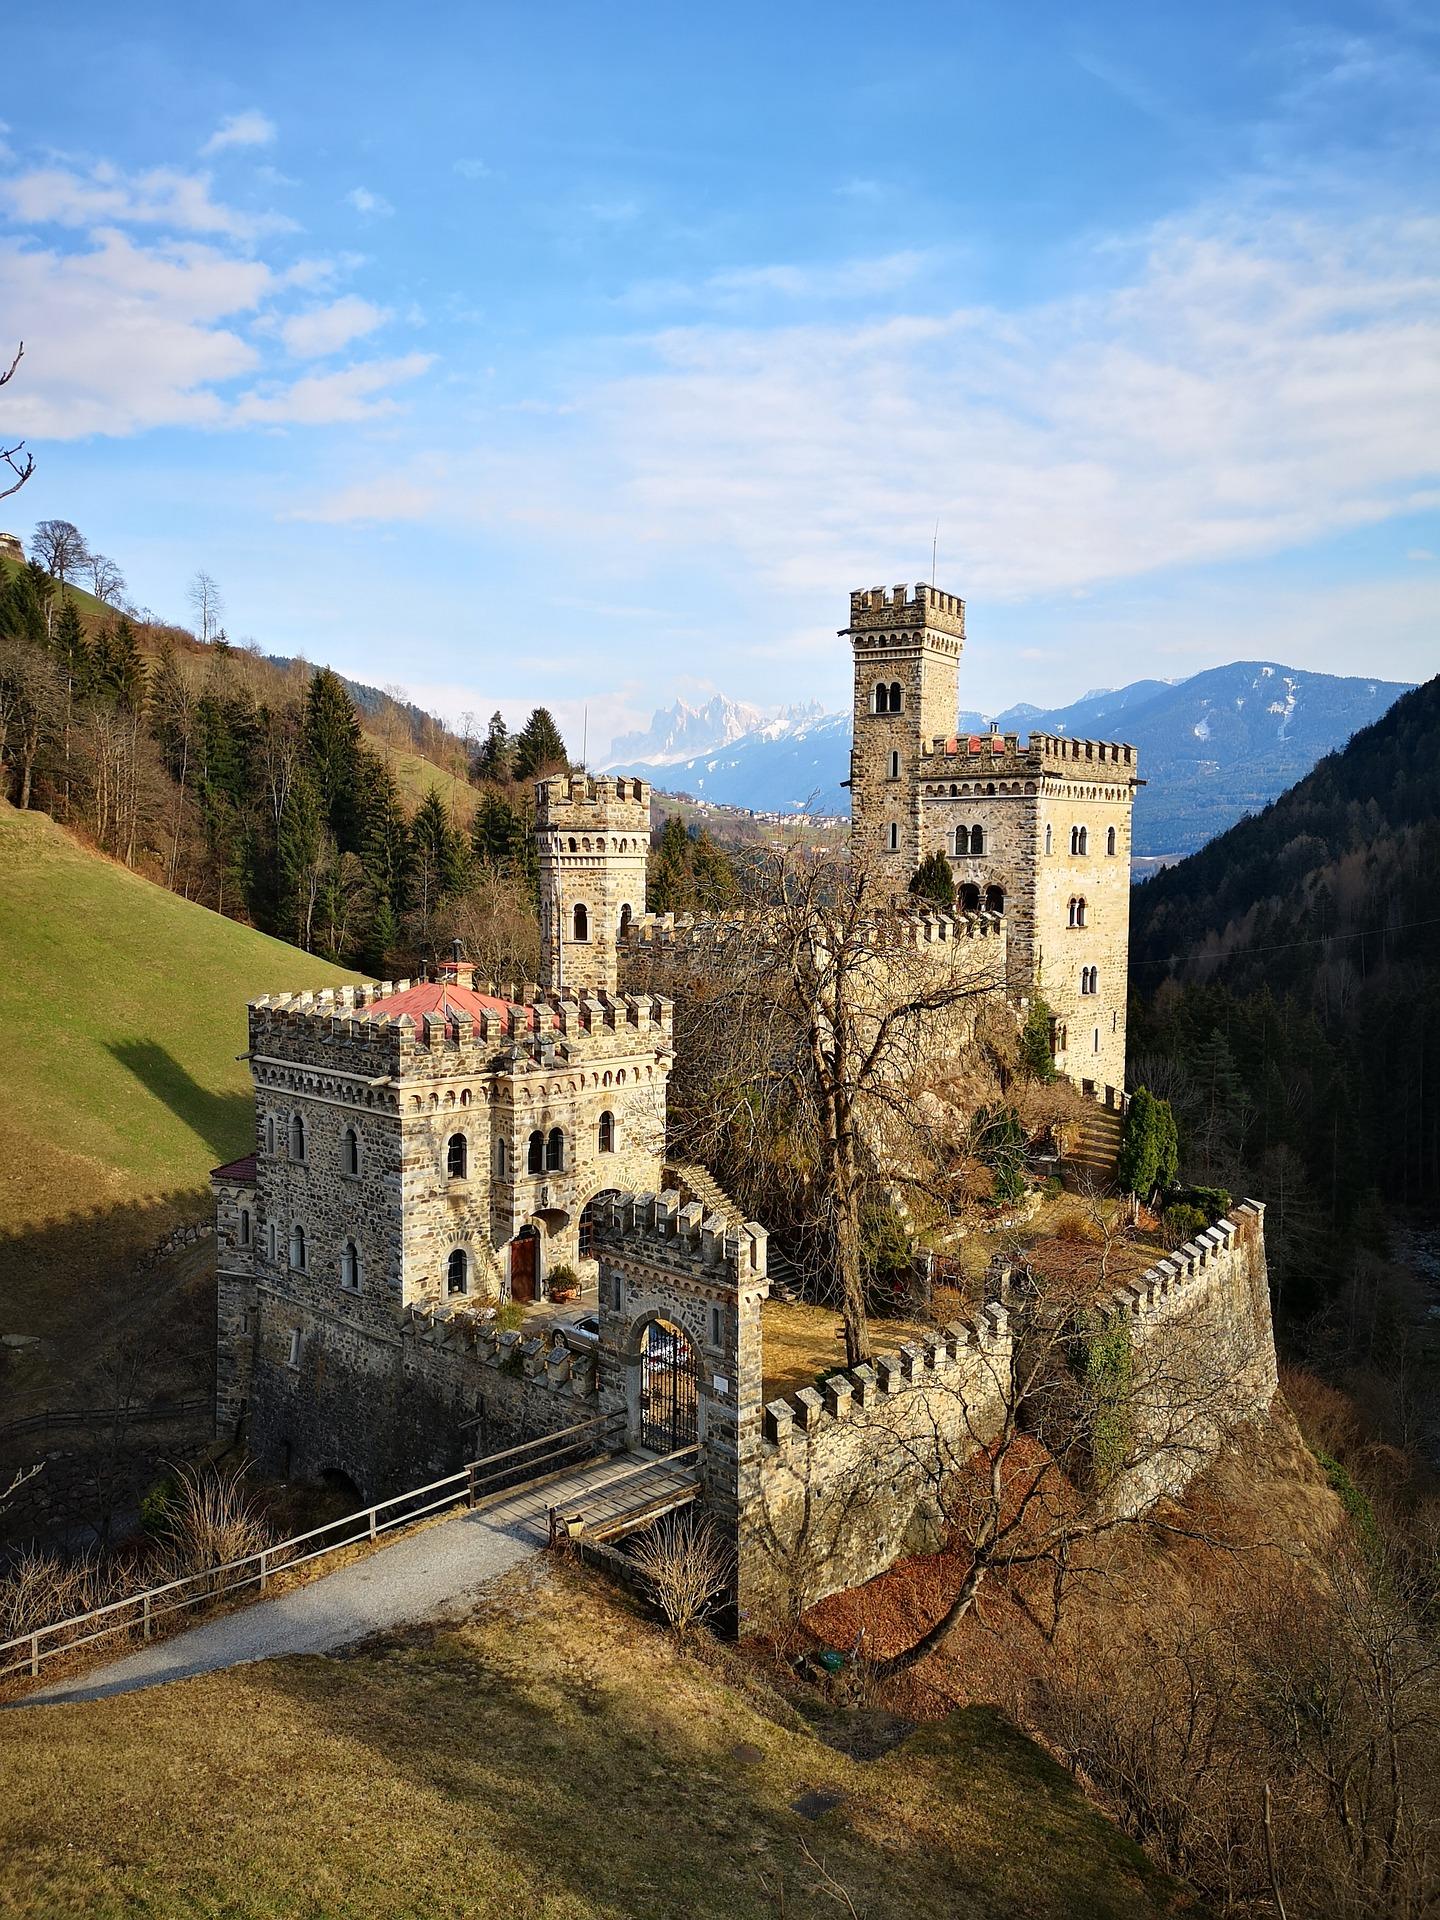 25 APRILE e PRIMO MAGGIO in un castello: soggiorni da favola ...